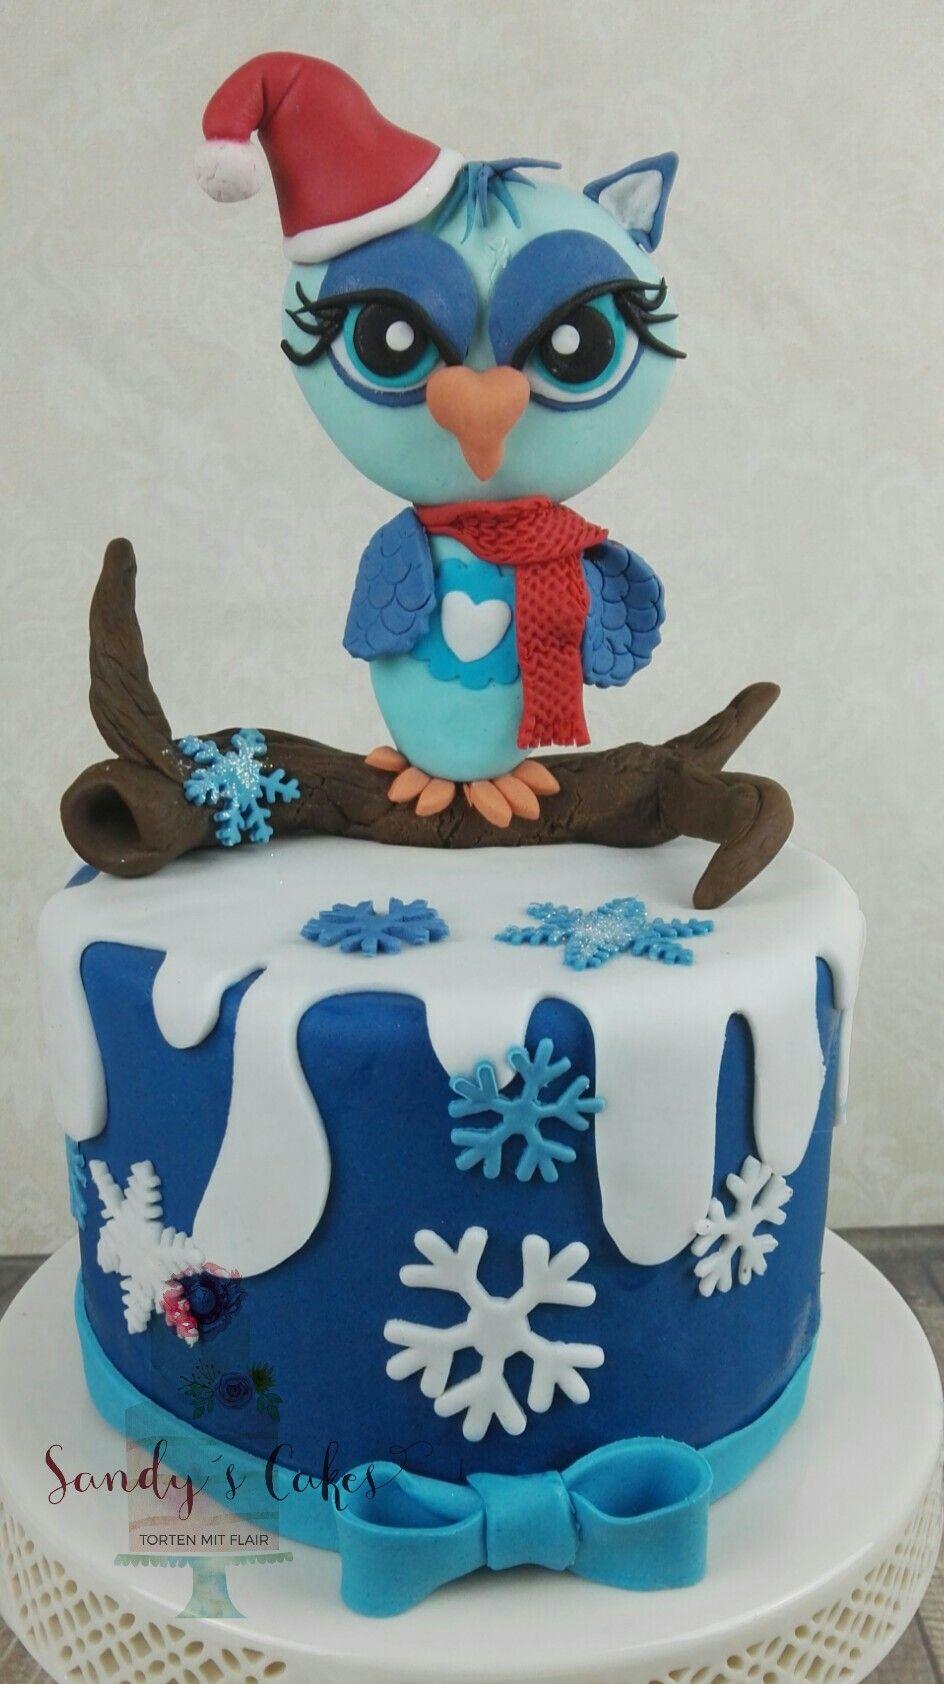 Sandy's cakes torten mit flair